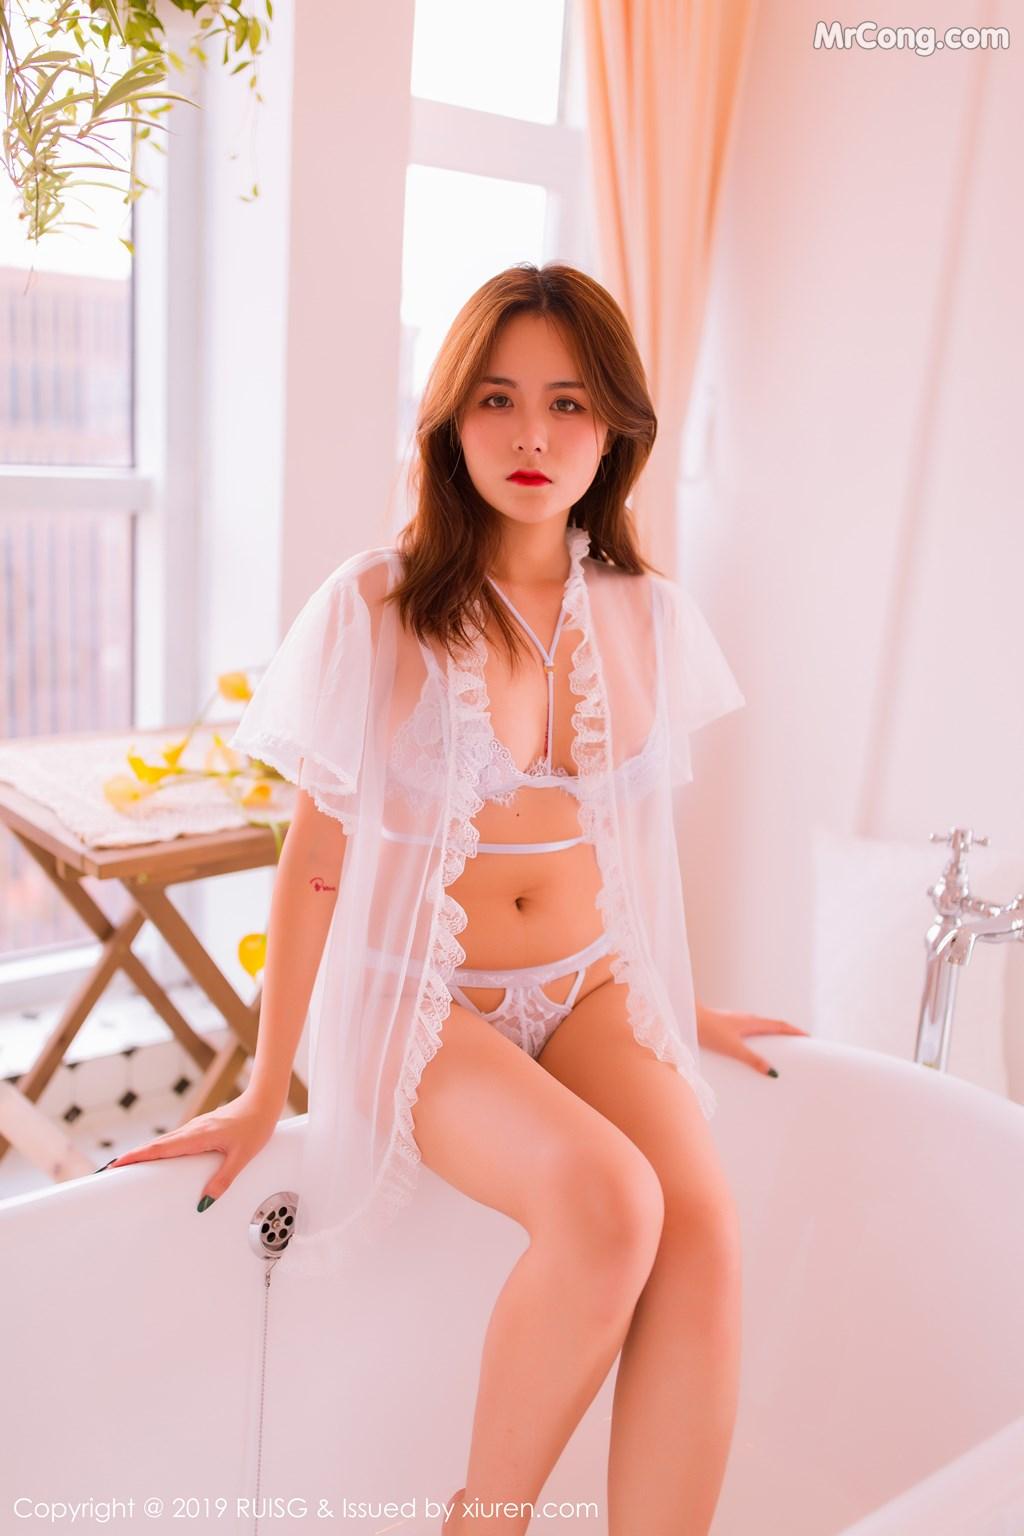 RuiSG Vol.082: Daisy琳琳 (49P)